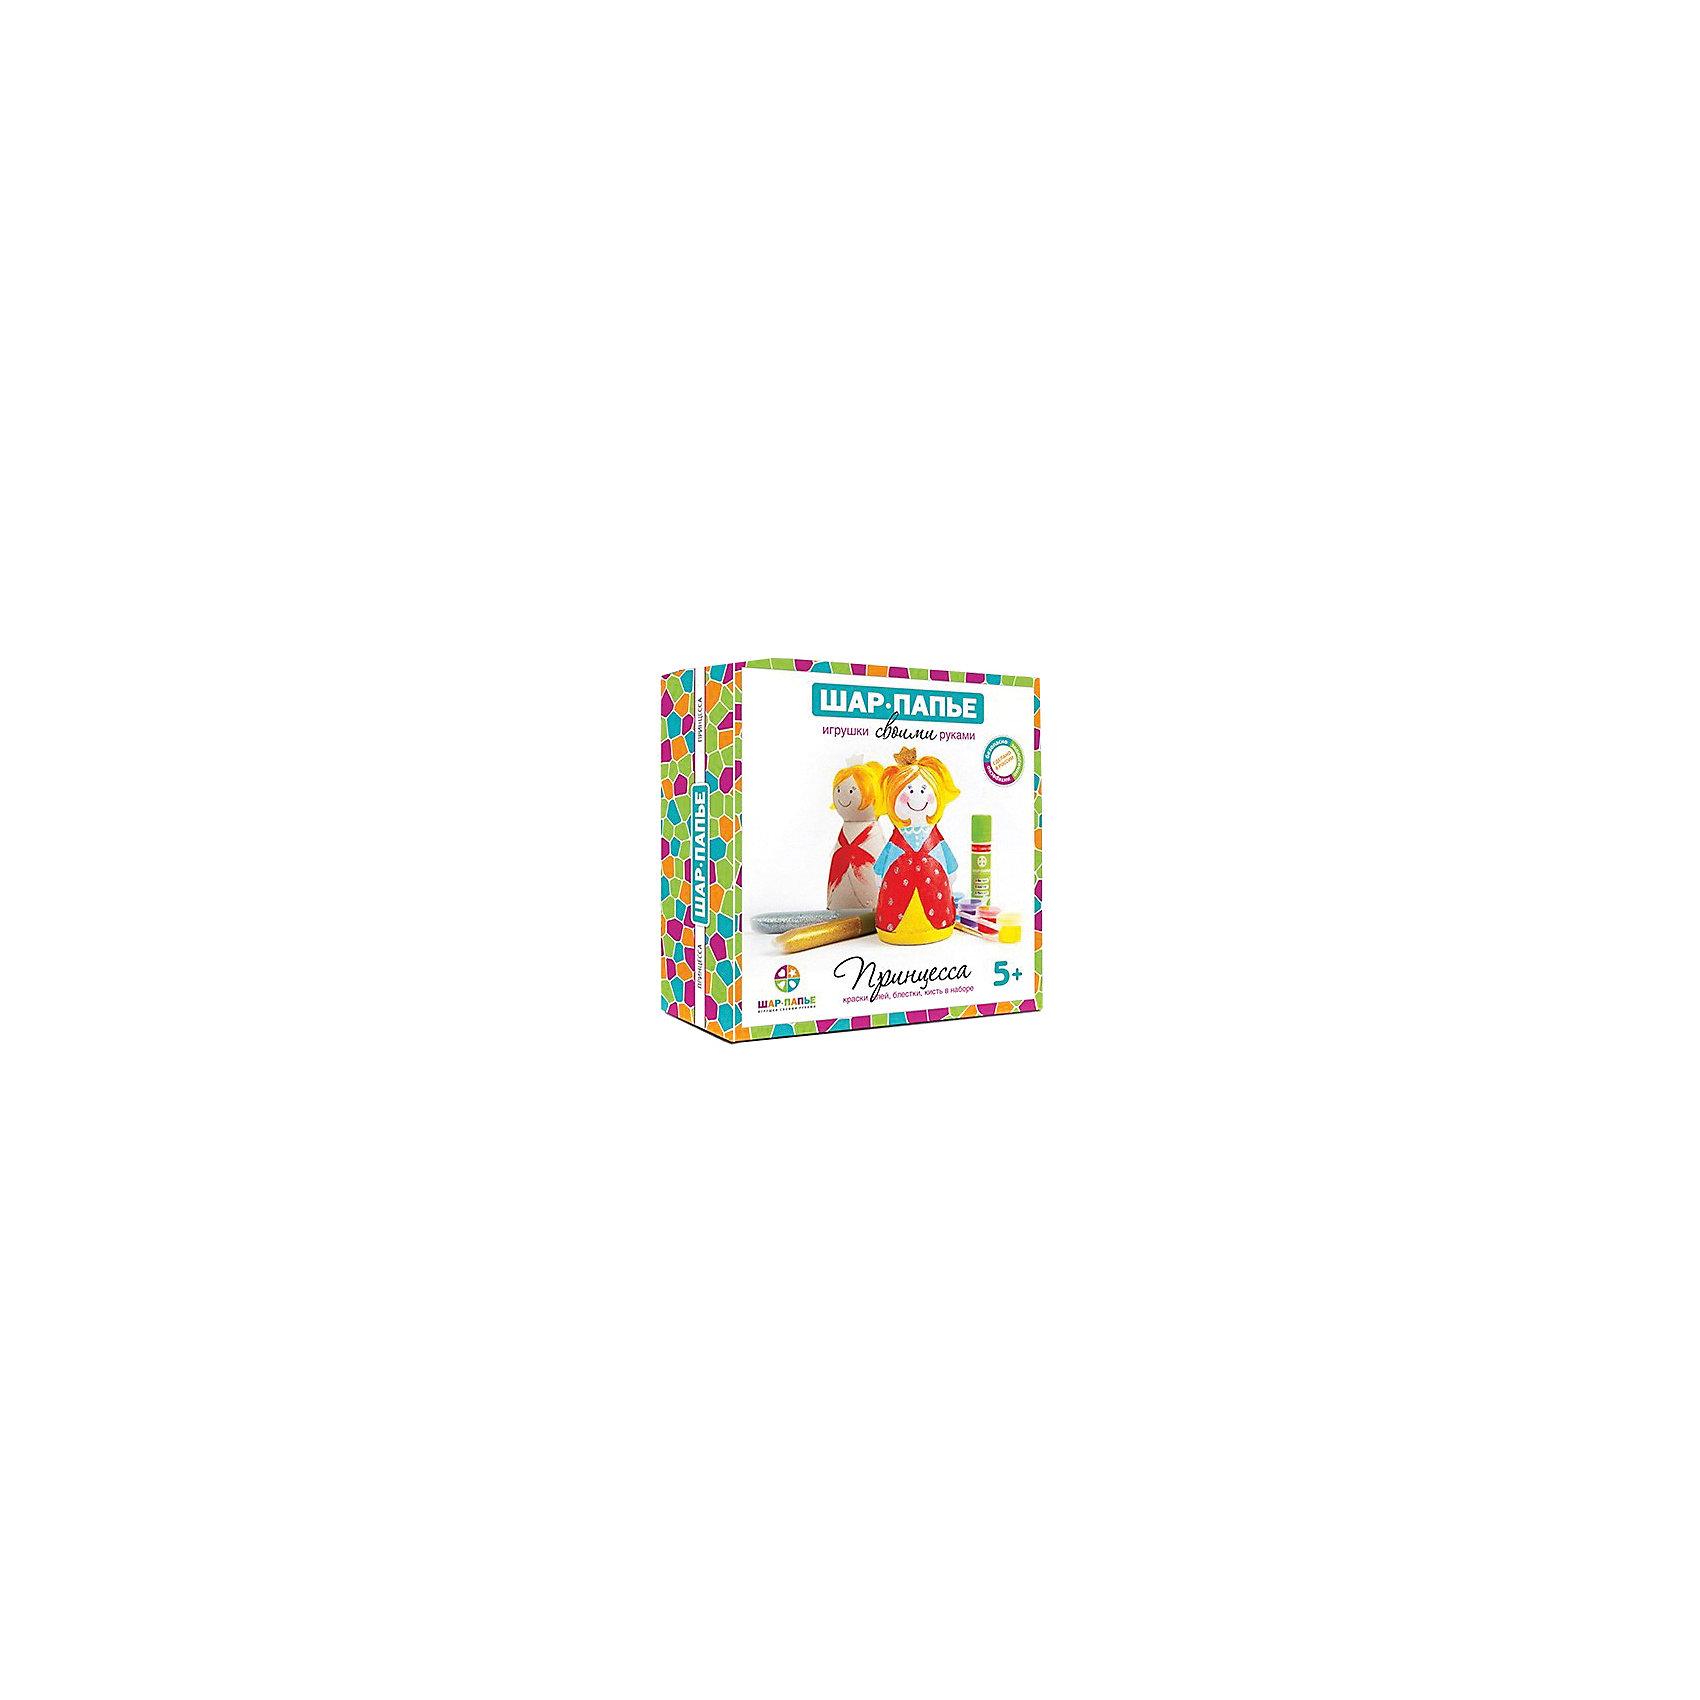 Набор для раскрашиванияПринцесса из Шар-ПапьеНабор для раскрашиванияПринцесса из Шар-Папье – этот набор совмещает в себе интересный досуг и неограниченный простор для творчества.<br>С набором для раскрашивания Принцесса из Шар-Папье ваш ребенок сделает свой первый шаг в мир искусства, создавая чудесную игрушку ручной работы. Игрушка, которые ему предстоит сотворить, представляет собой объемную фигурку принцессы. Сначала нужно соединить части фигурки, изготовленные по технологии шар-папье, а затем расписать фигурку так, как подскажет фантазия. Придуманный уникальный дизайн сделает игрушку неповторимой и притягивающей взгляды. Творческий процесс заинтересует и взрослого, ведь возможности для декорирования игрушки по-настоящему безграничны. А это значит, что набор для раскрашивания Принцесса из Шар-Папье идеально подойдет для совместного семейного творчества и наполнит ваши домашние вечера новыми радостными впечатлениями.<br><br>Дополнительная информация:<br><br>- В наборе: 2 объемные заготовки из спрессованной бумажной массы (папье-маше), вкладыш из гофрокартона, подставка, акриловые краски (белая, черная, красная, желтая, зеленая, синяя),  2 тюбика с блестками (золотистые и серебристые), кисточка №3,  клей, веревочка, инструкция<br>- Размер упаковки: 15,3х15,3х4,5 см.<br>- Вес: 135 гр.<br><br>Набор для раскрашивания Принцесса из Шар-Папье можно купить в нашем интернет-магазине.<br><br>Ширина мм: 153<br>Глубина мм: 153<br>Высота мм: 45<br>Вес г: 135<br>Возраст от месяцев: 36<br>Возраст до месяцев: 168<br>Пол: Унисекс<br>Возраст: Детский<br>SKU: 4591079